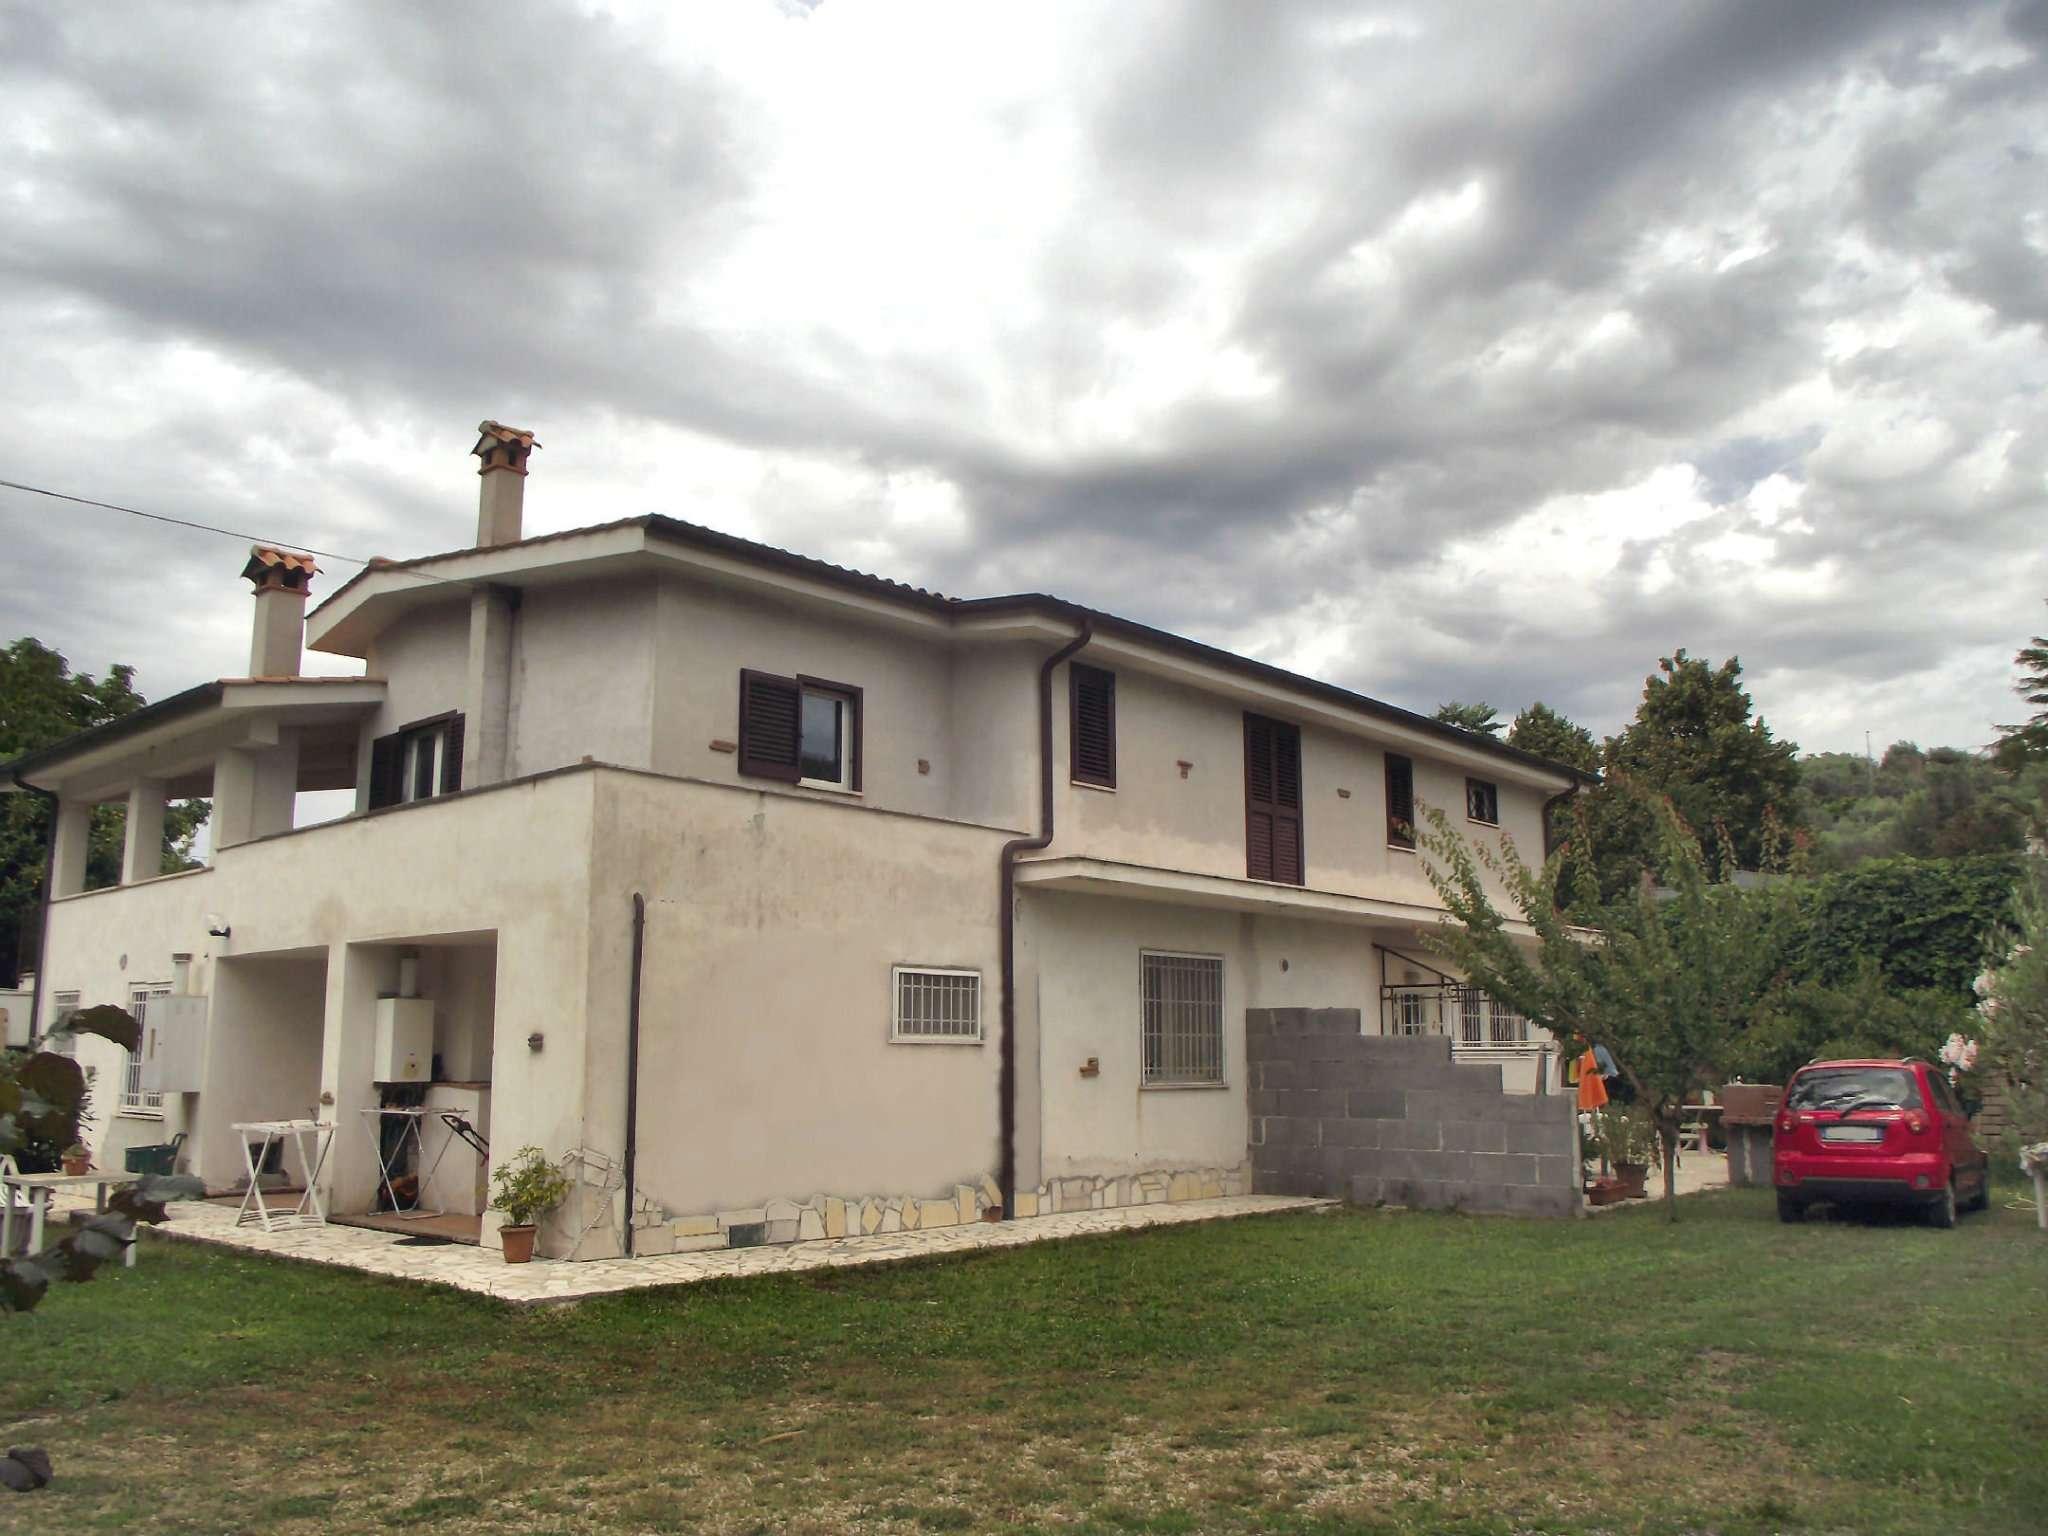 Soluzione Indipendente in vendita a Frascati, 10 locali, prezzo € 469.000 | Cambio Casa.it